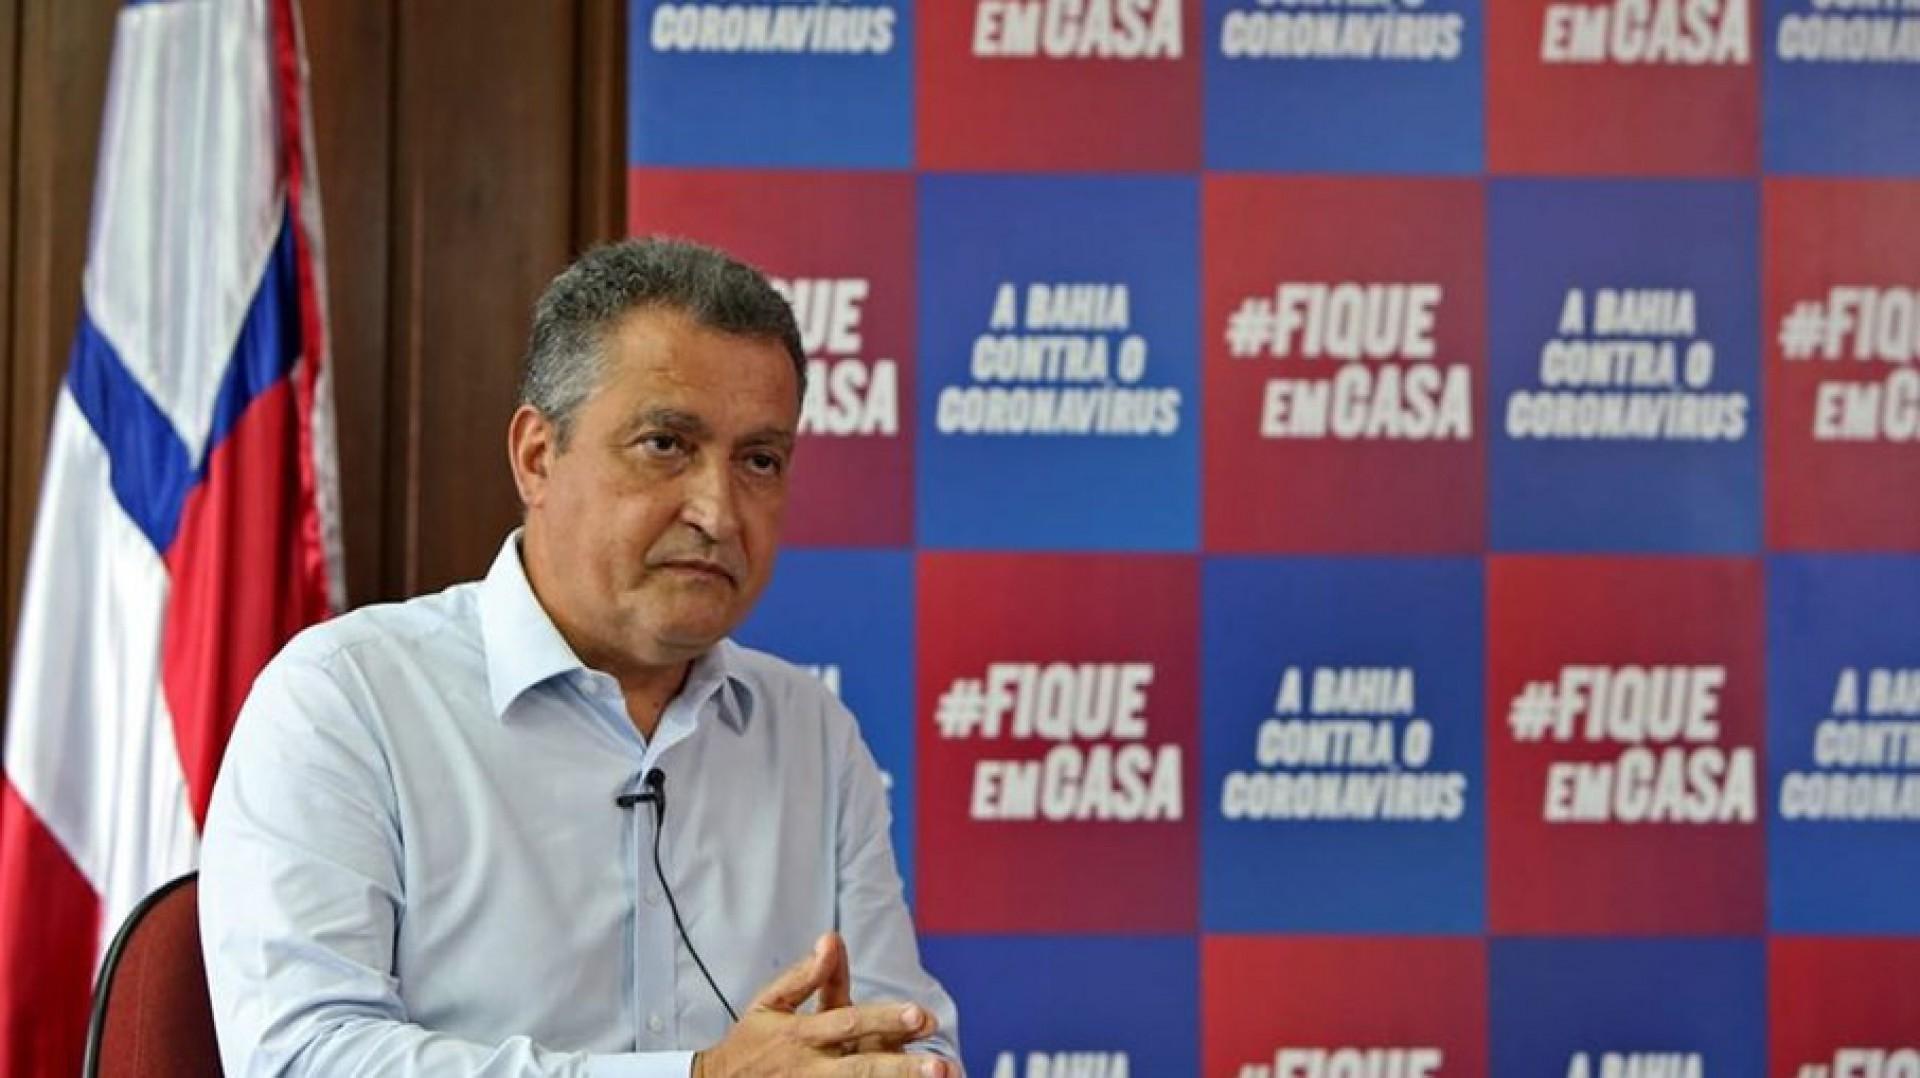 Governador da Bahia não autoriza e volta ao público no Brasileirão deverá ser adiada novamente